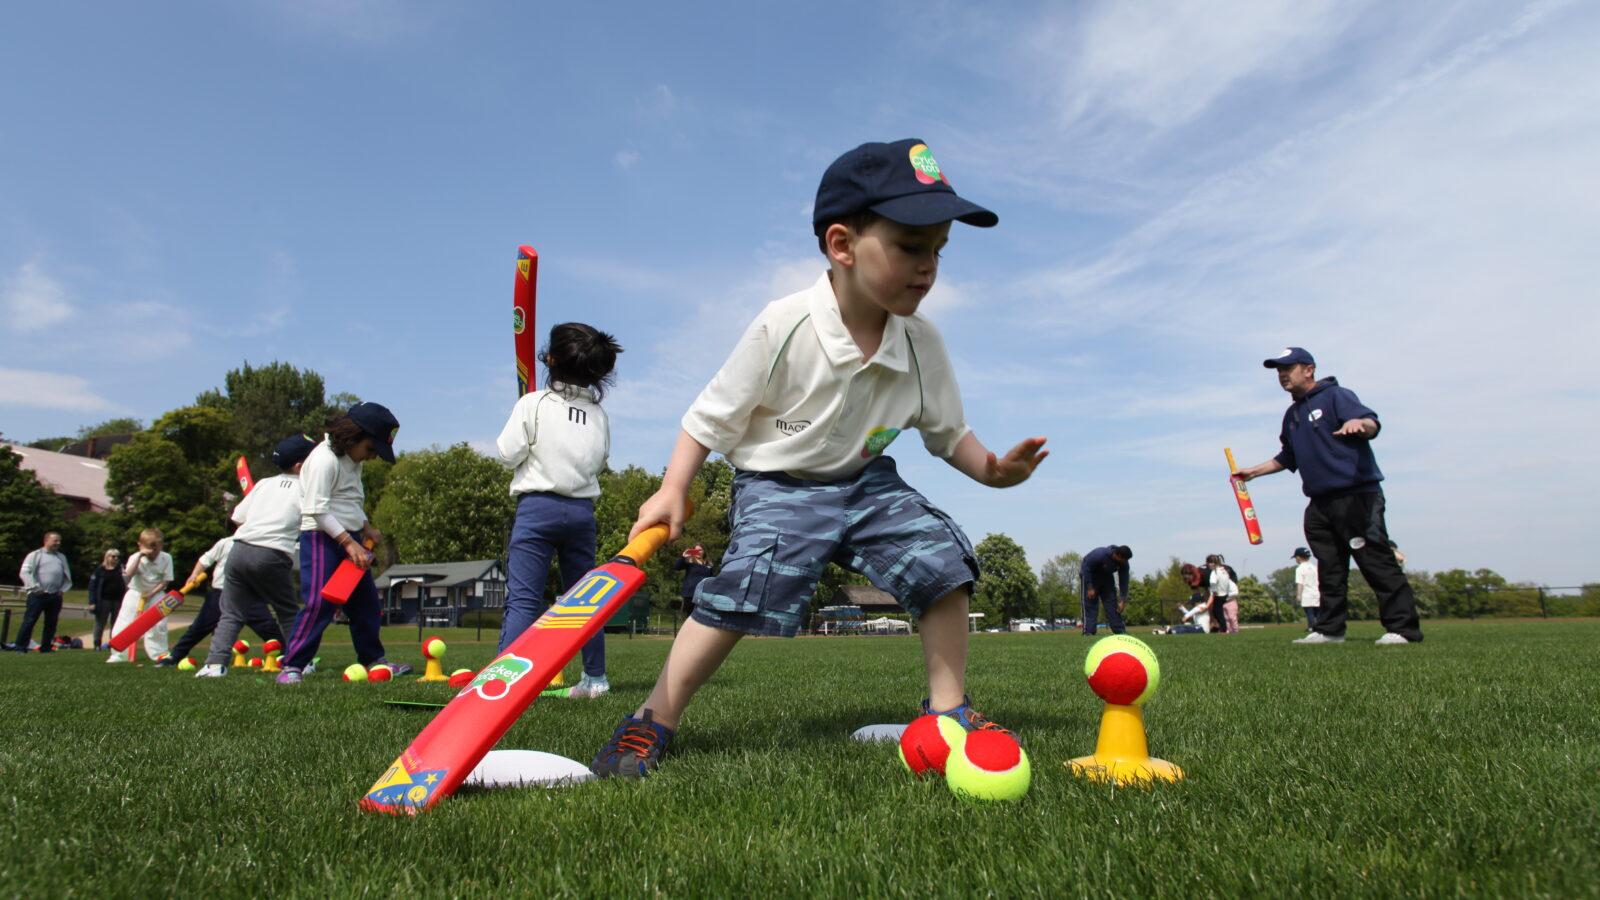 boy holding cricket bat and balancing cricket balls